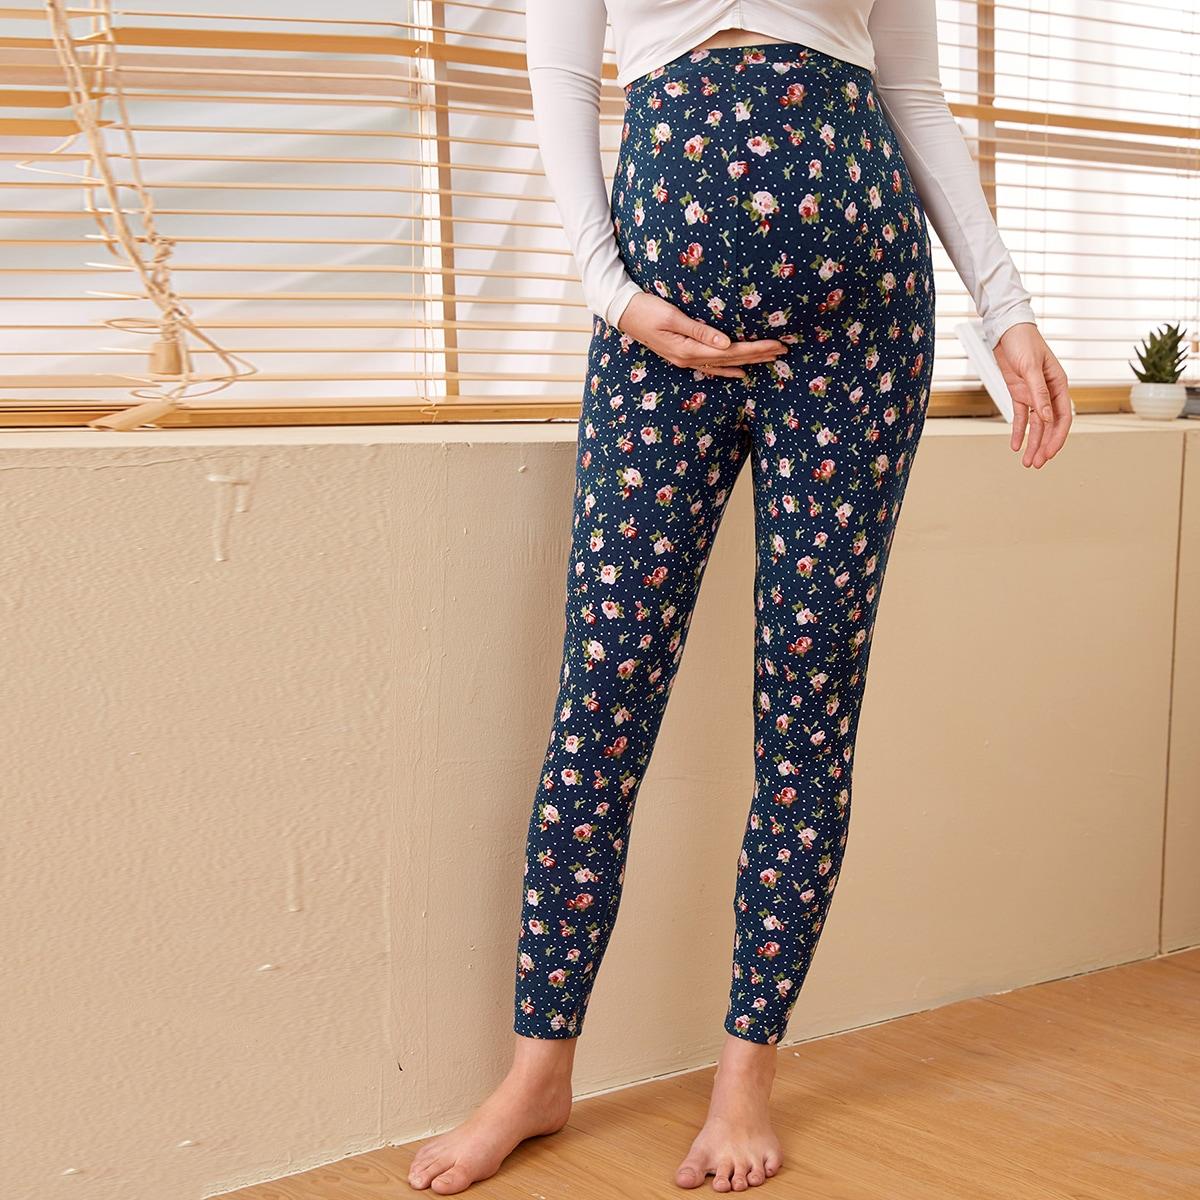 Леггинсы для беременных с цветочным принтом